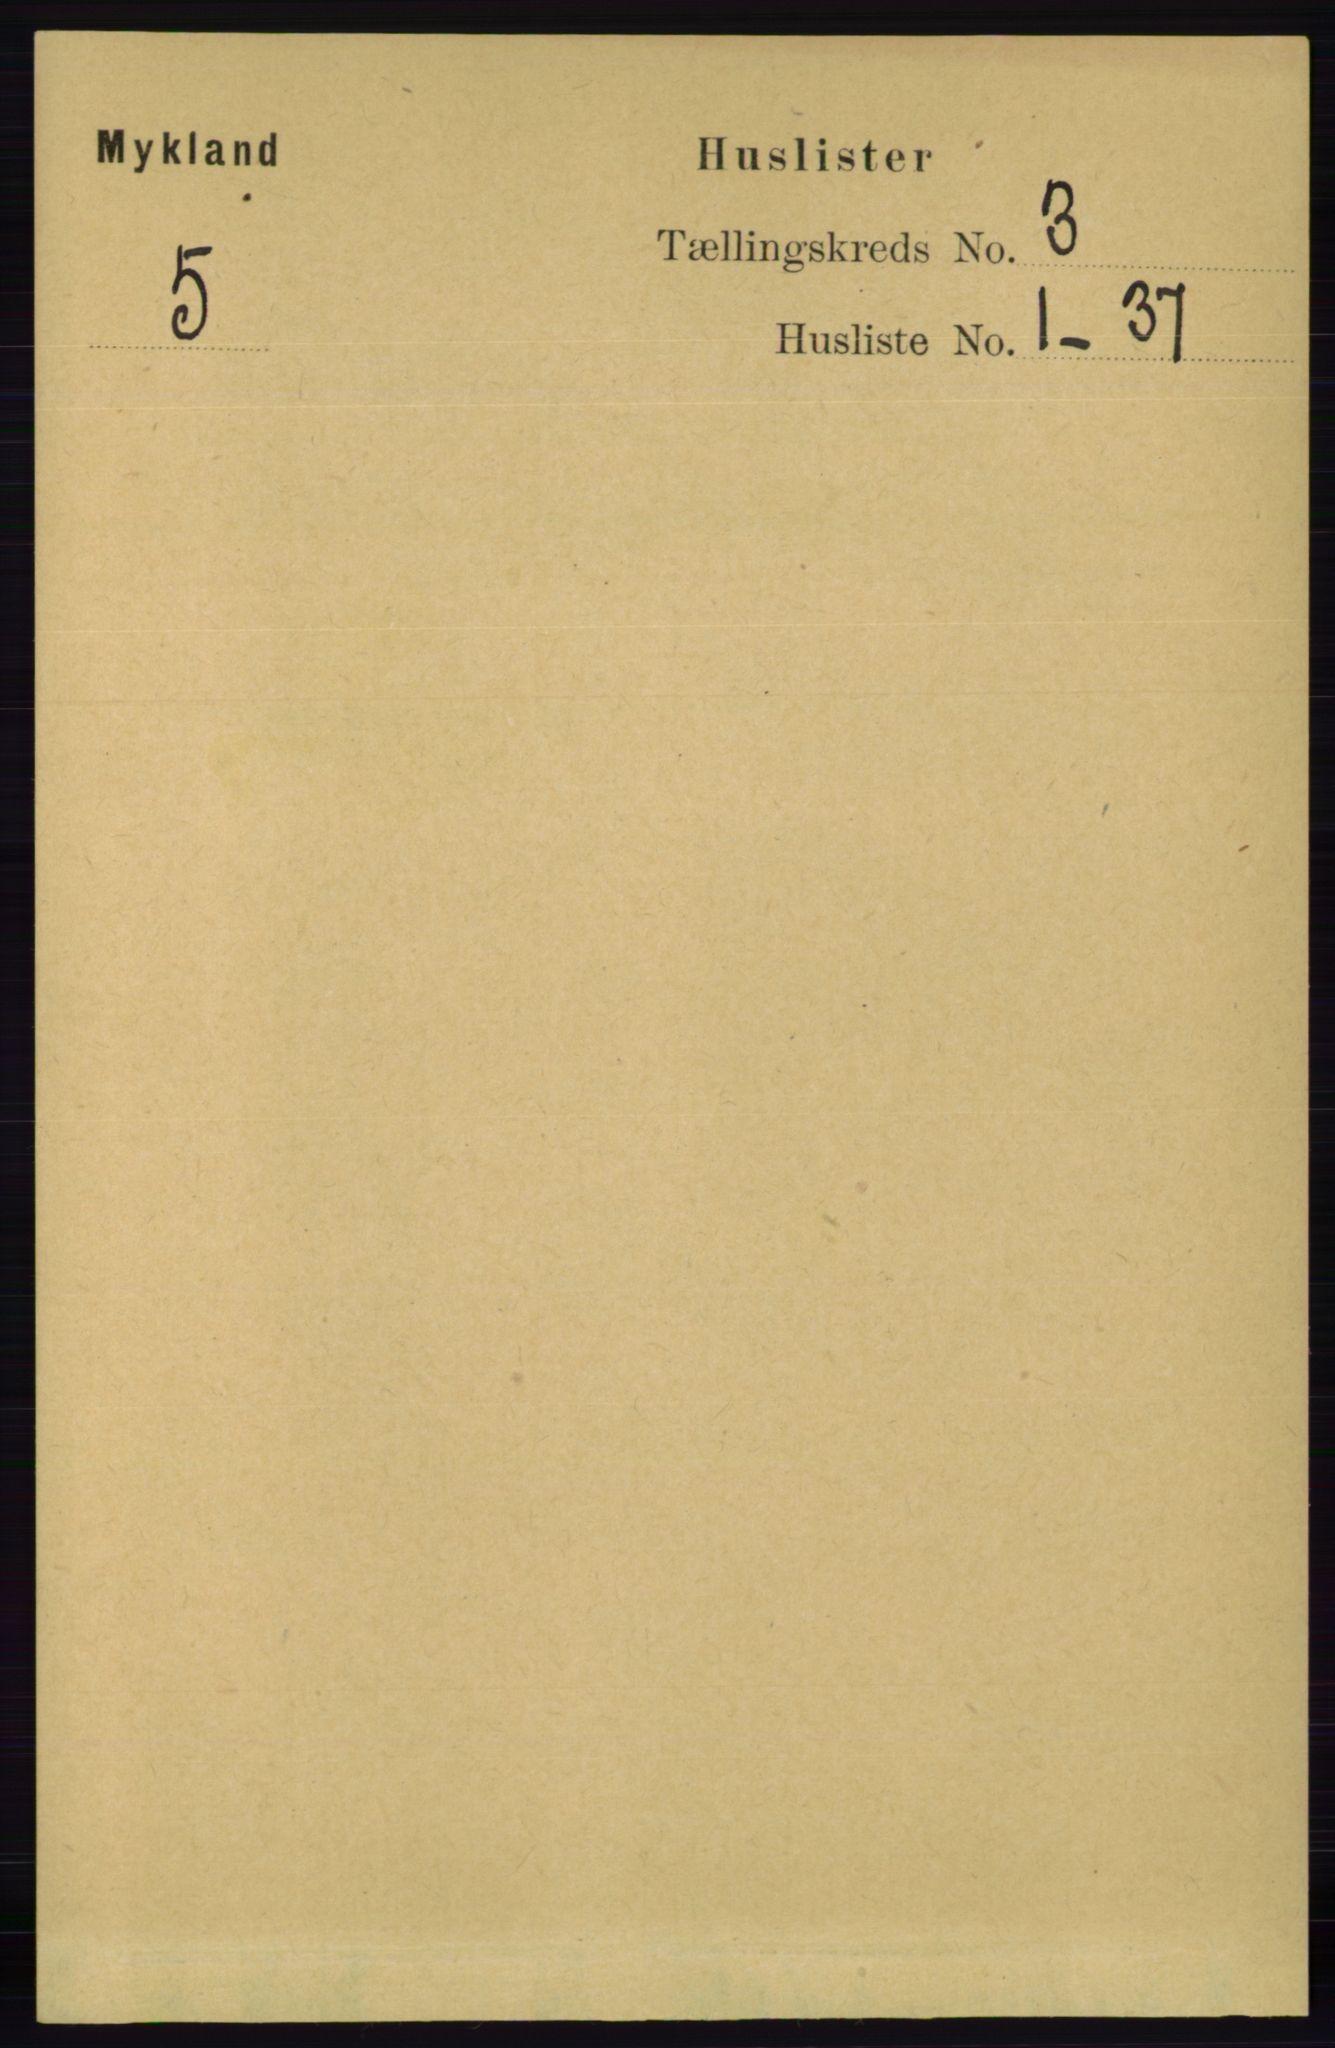 RA, Folketelling 1891 for 0932 Mykland herred, 1891, s. 525